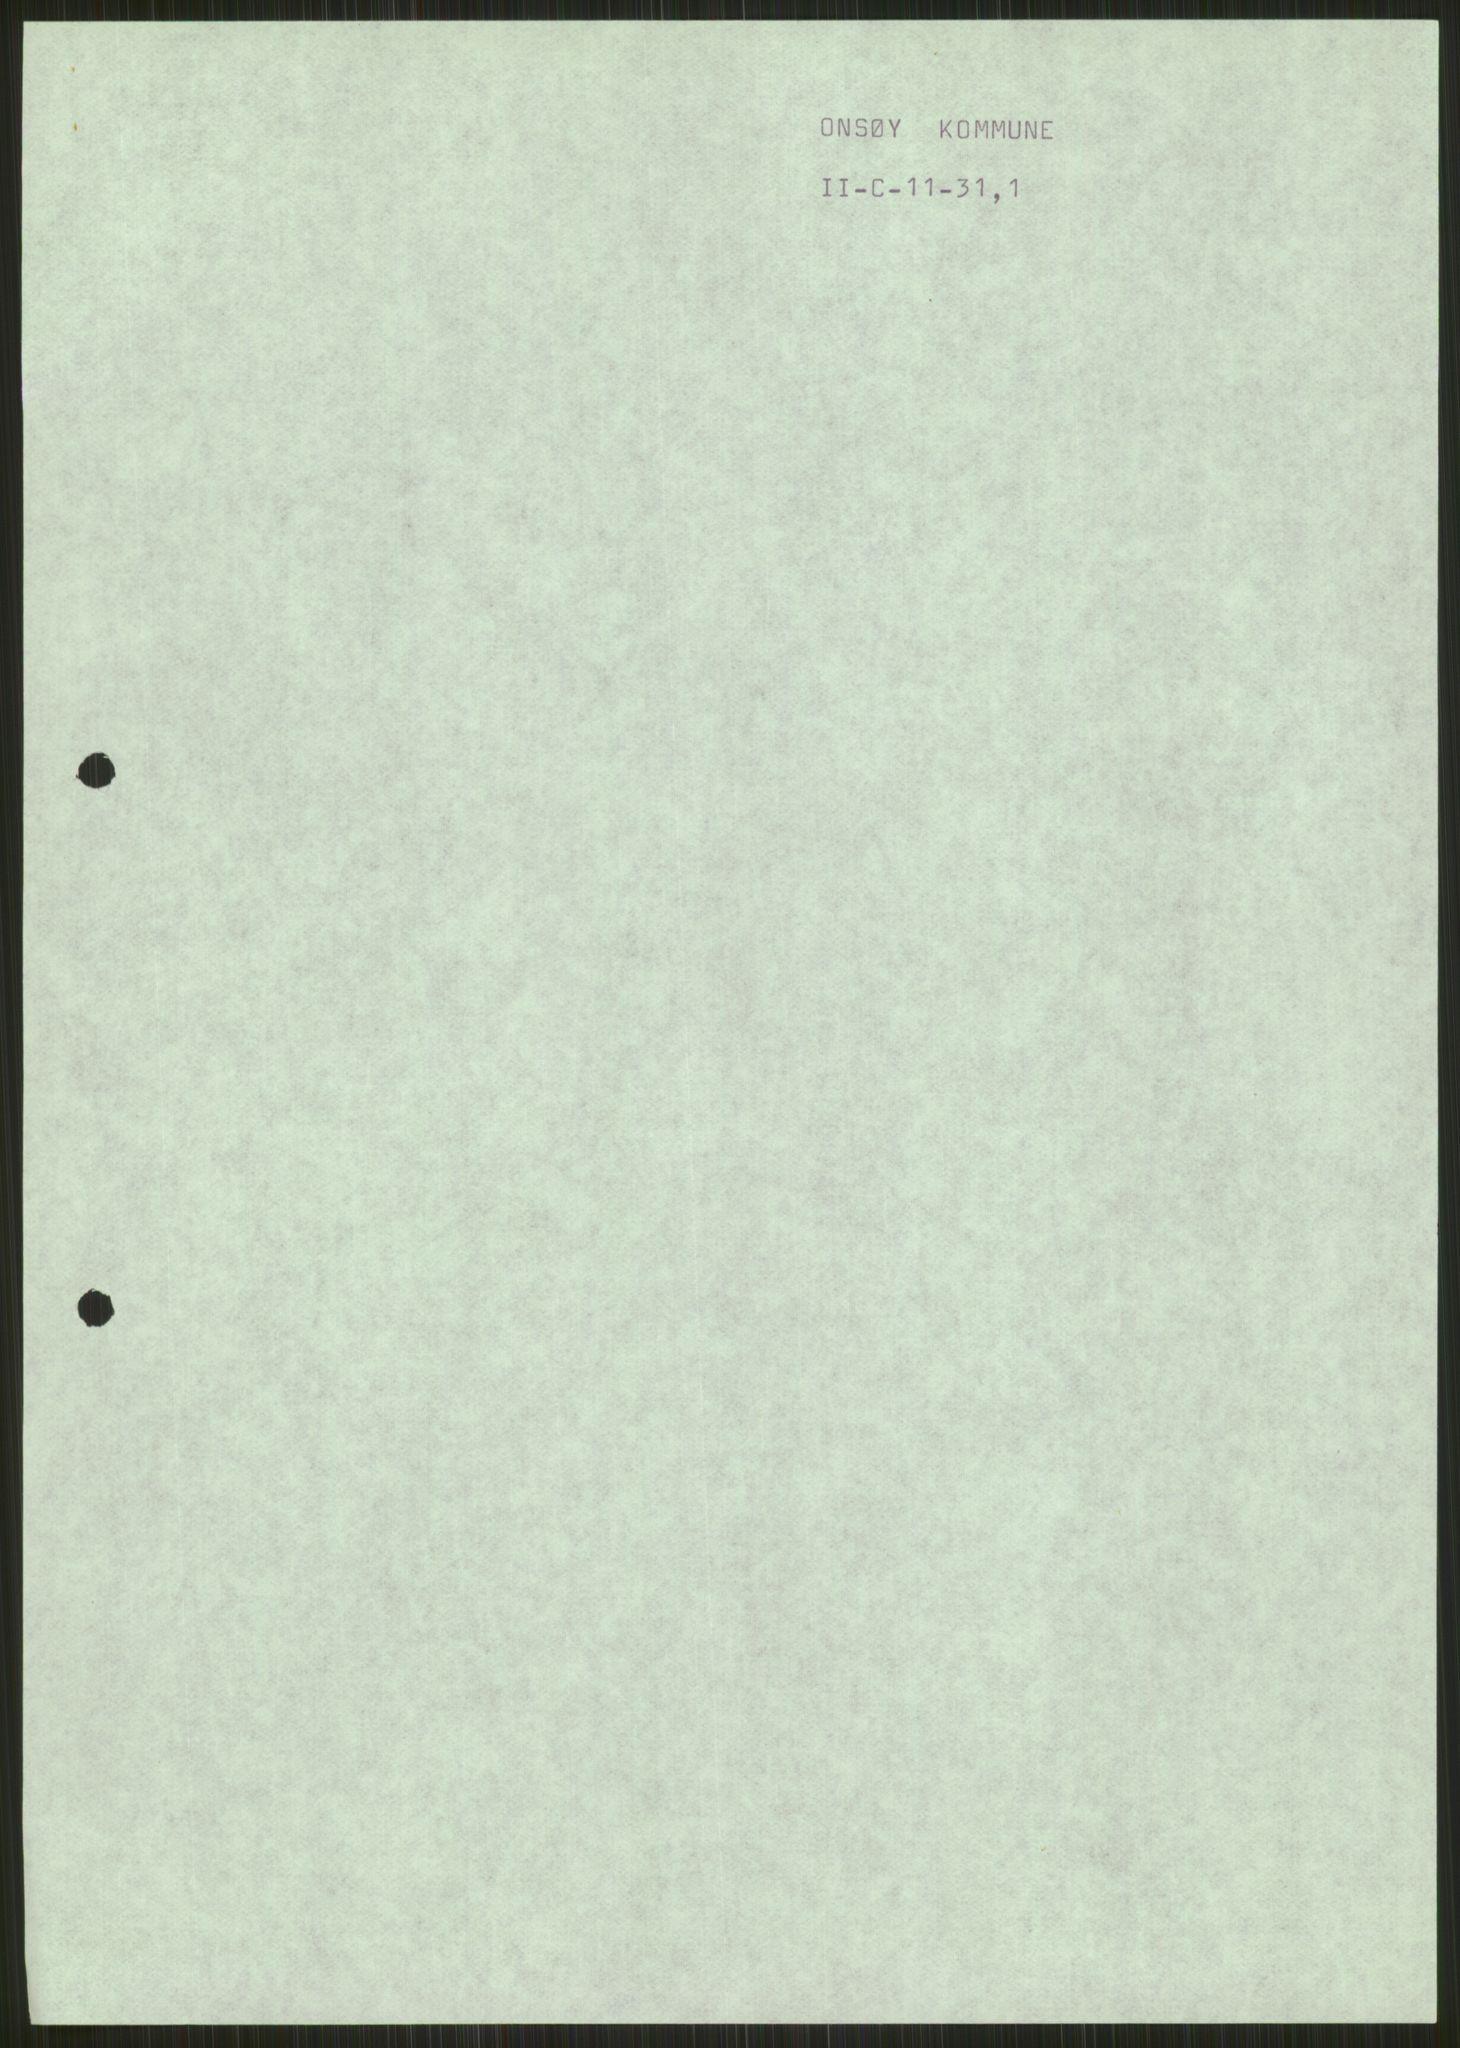 RA, Forsvaret, Forsvarets krigshistoriske avdeling, Y/Ya/L0013: II-C-11-31 - Fylkesmenn.  Rapporter om krigsbegivenhetene 1940., 1940, s. 110